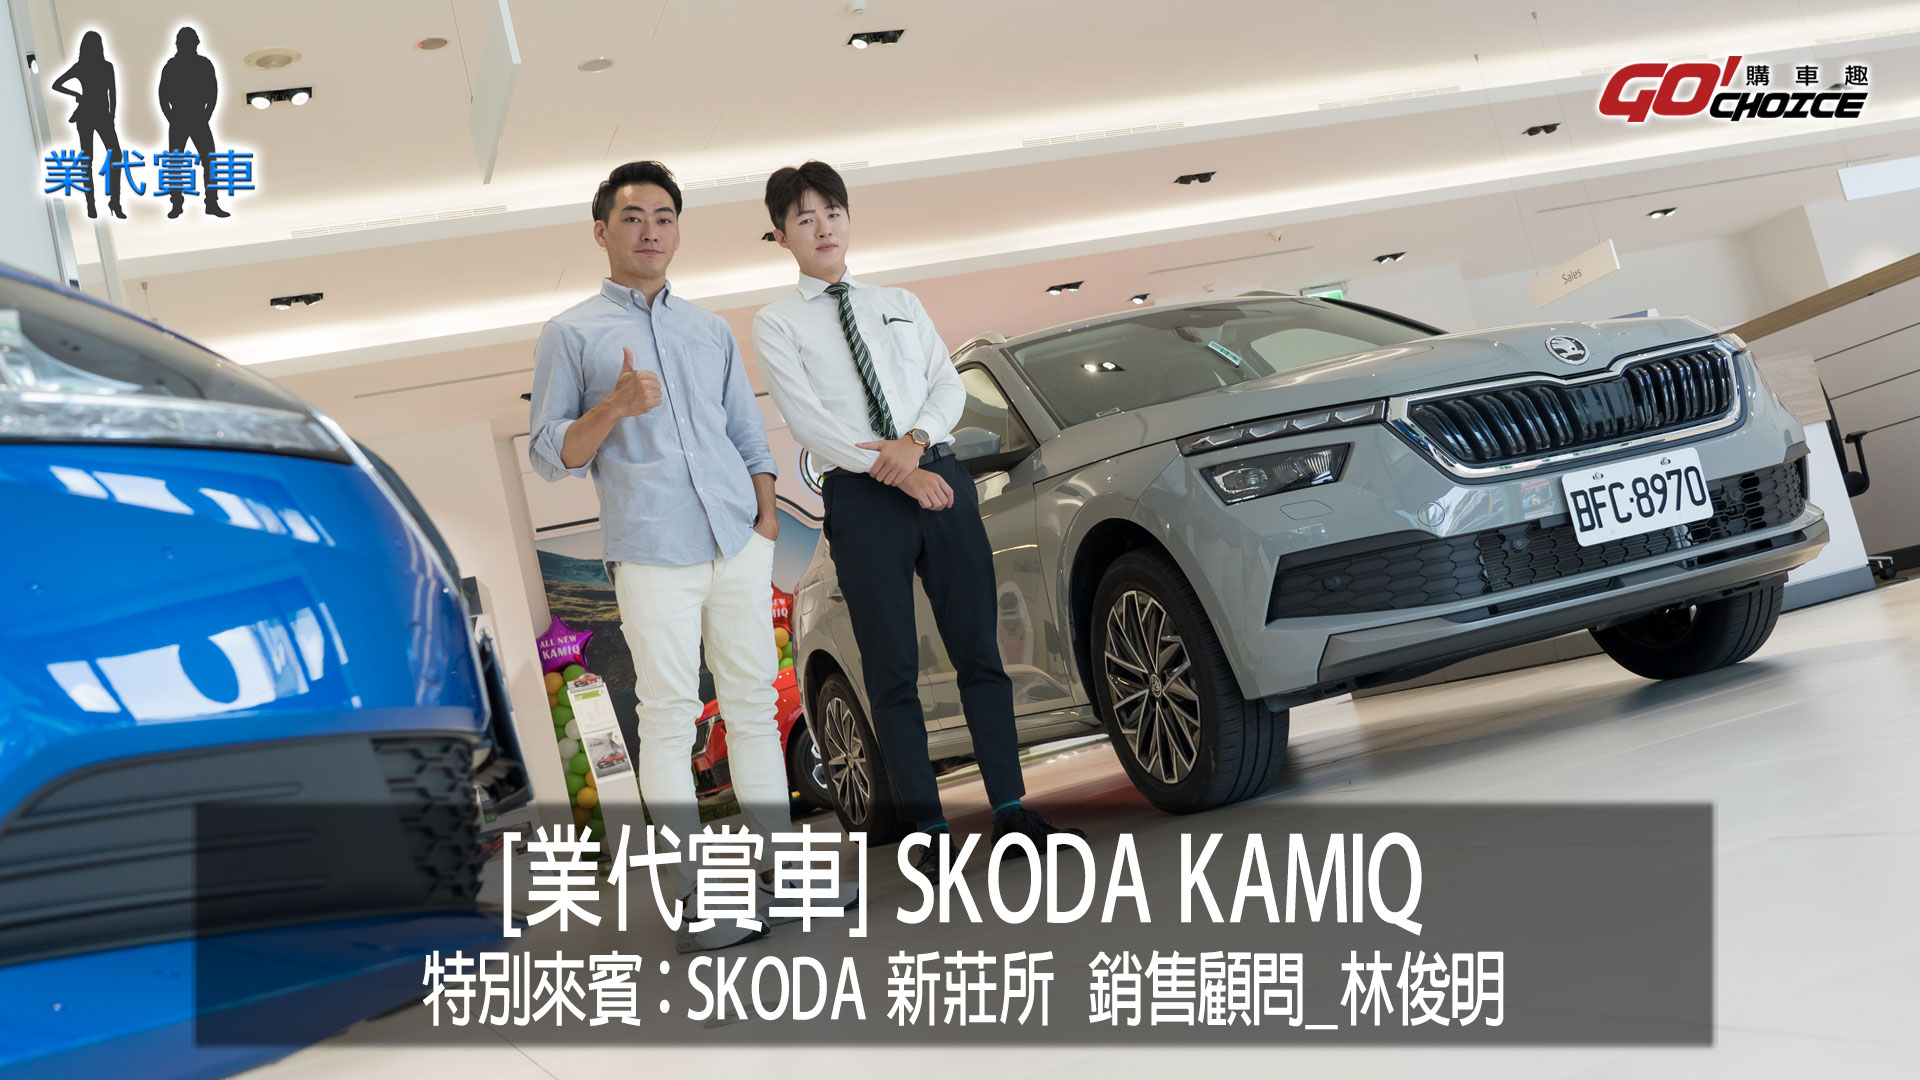 業代賞車-新世代跨界休旅Skoda Kamiq人氣強強滾!Skoda新莊-銷售顧問_林俊明